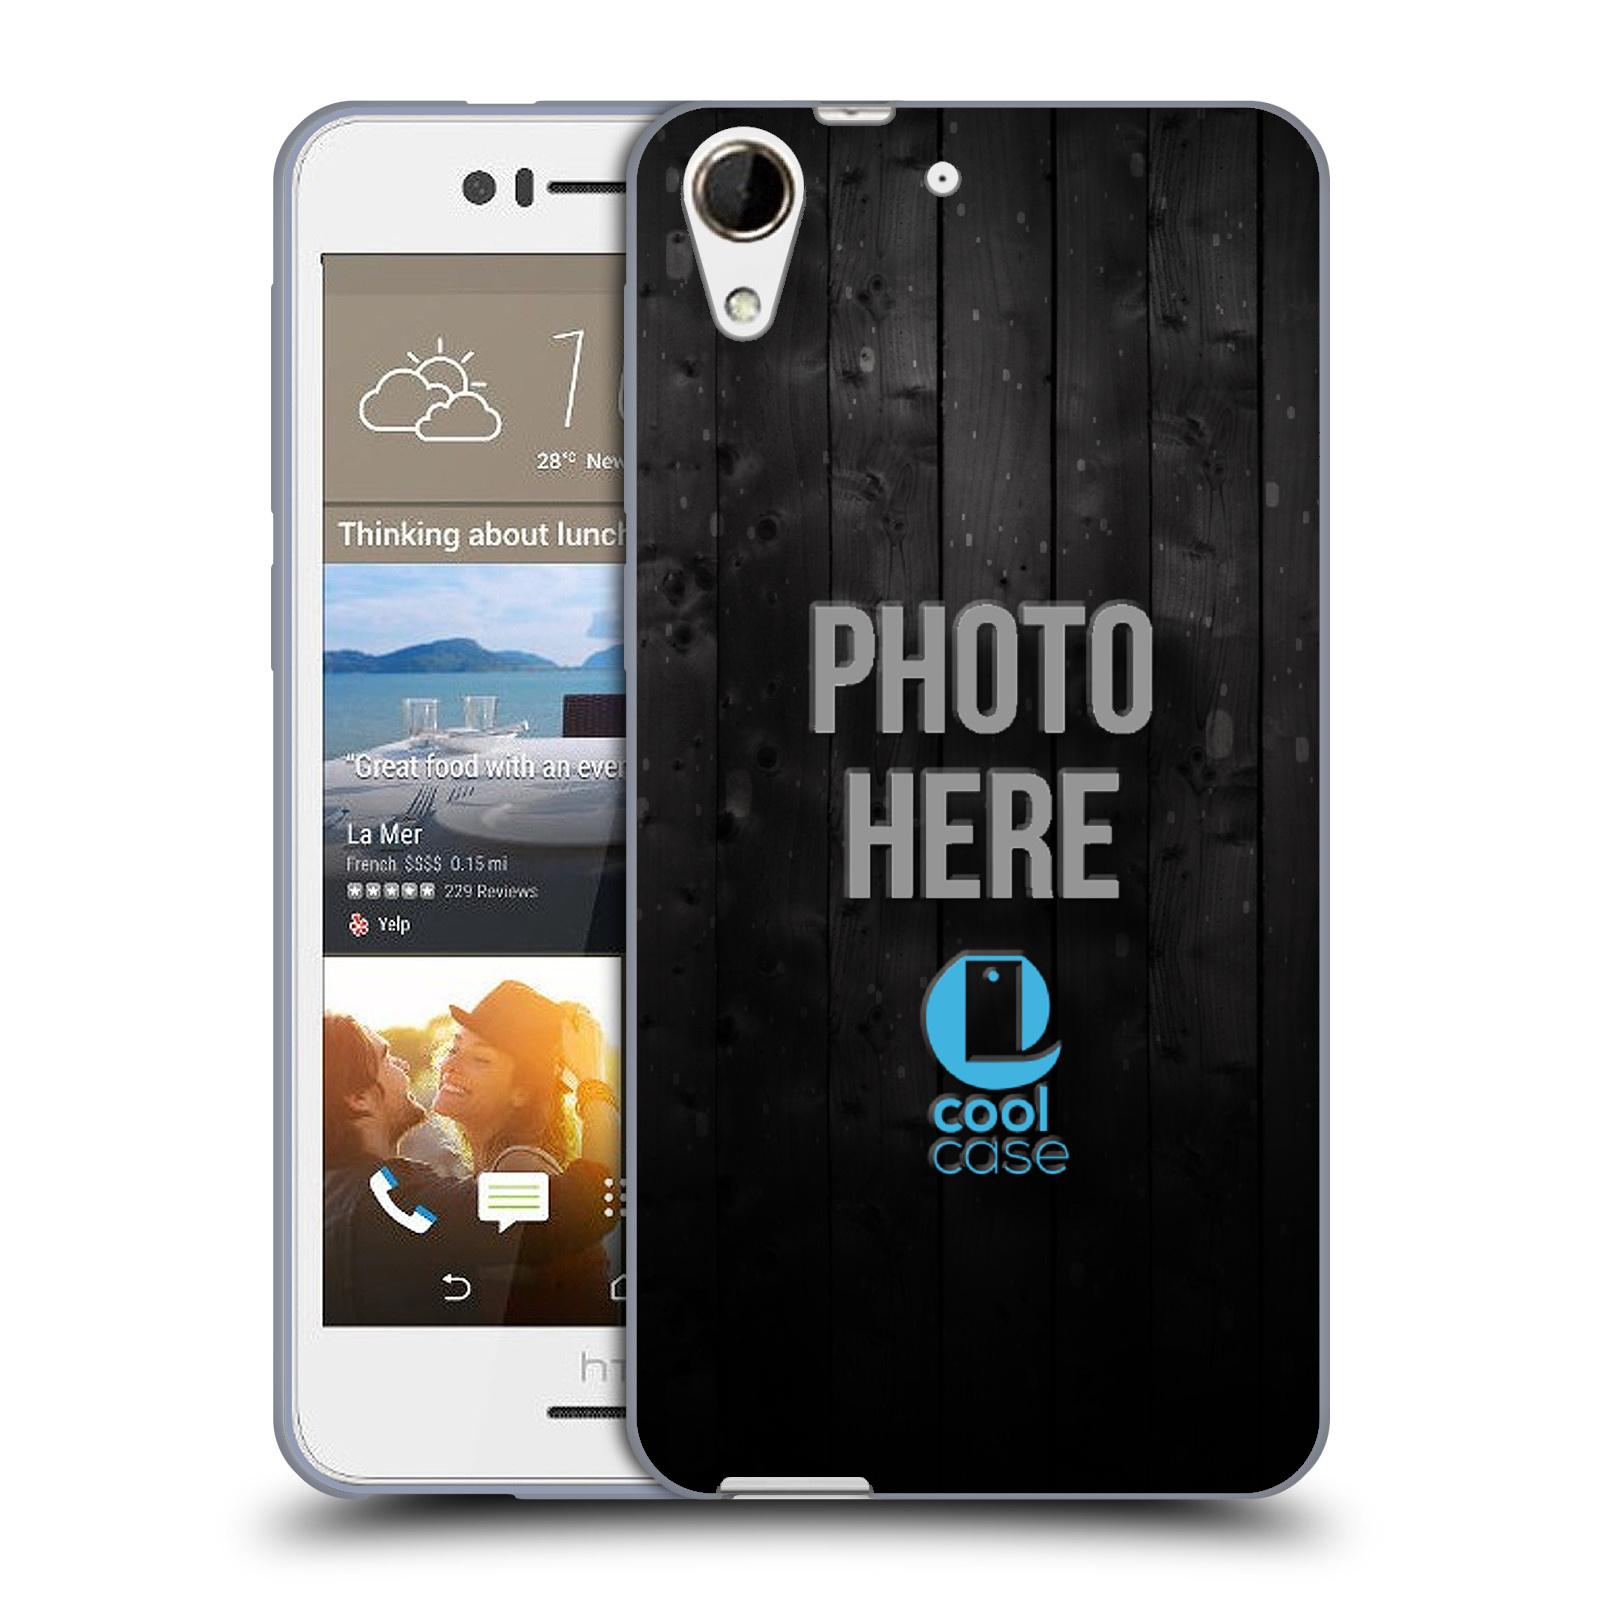 Silikonové pouzdro na mobil HTC Desire 728G Dual SIM HEAD CASE s vlastním motivem (Silikonový kryt či obal s vlastní fotografií na mobilní telefon HTC Desire 728 G Dual SIM)